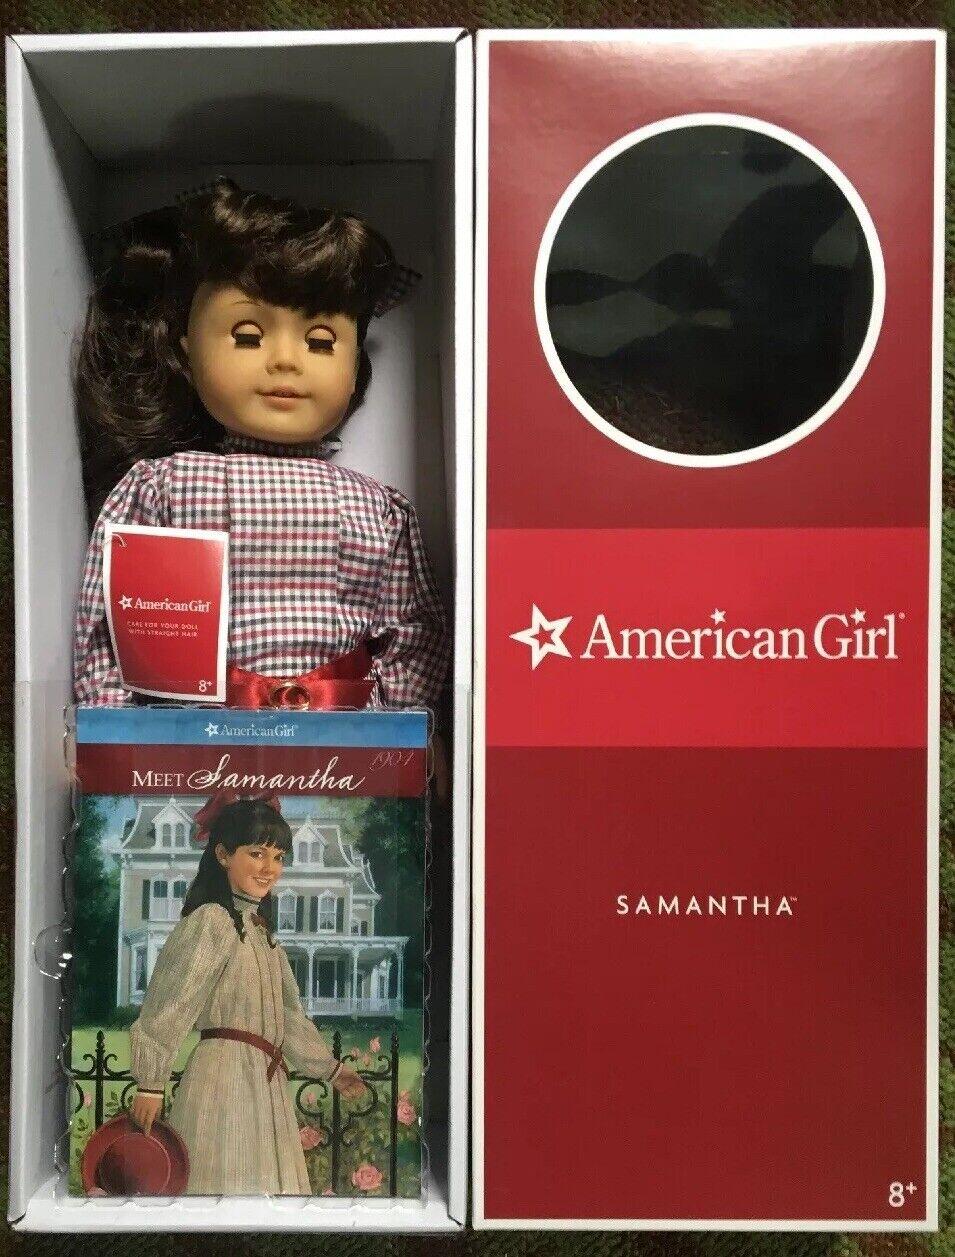 RETIrot AMERICAN GIRL SAMANTHA 18  DOLL AND BOOK RETIrot